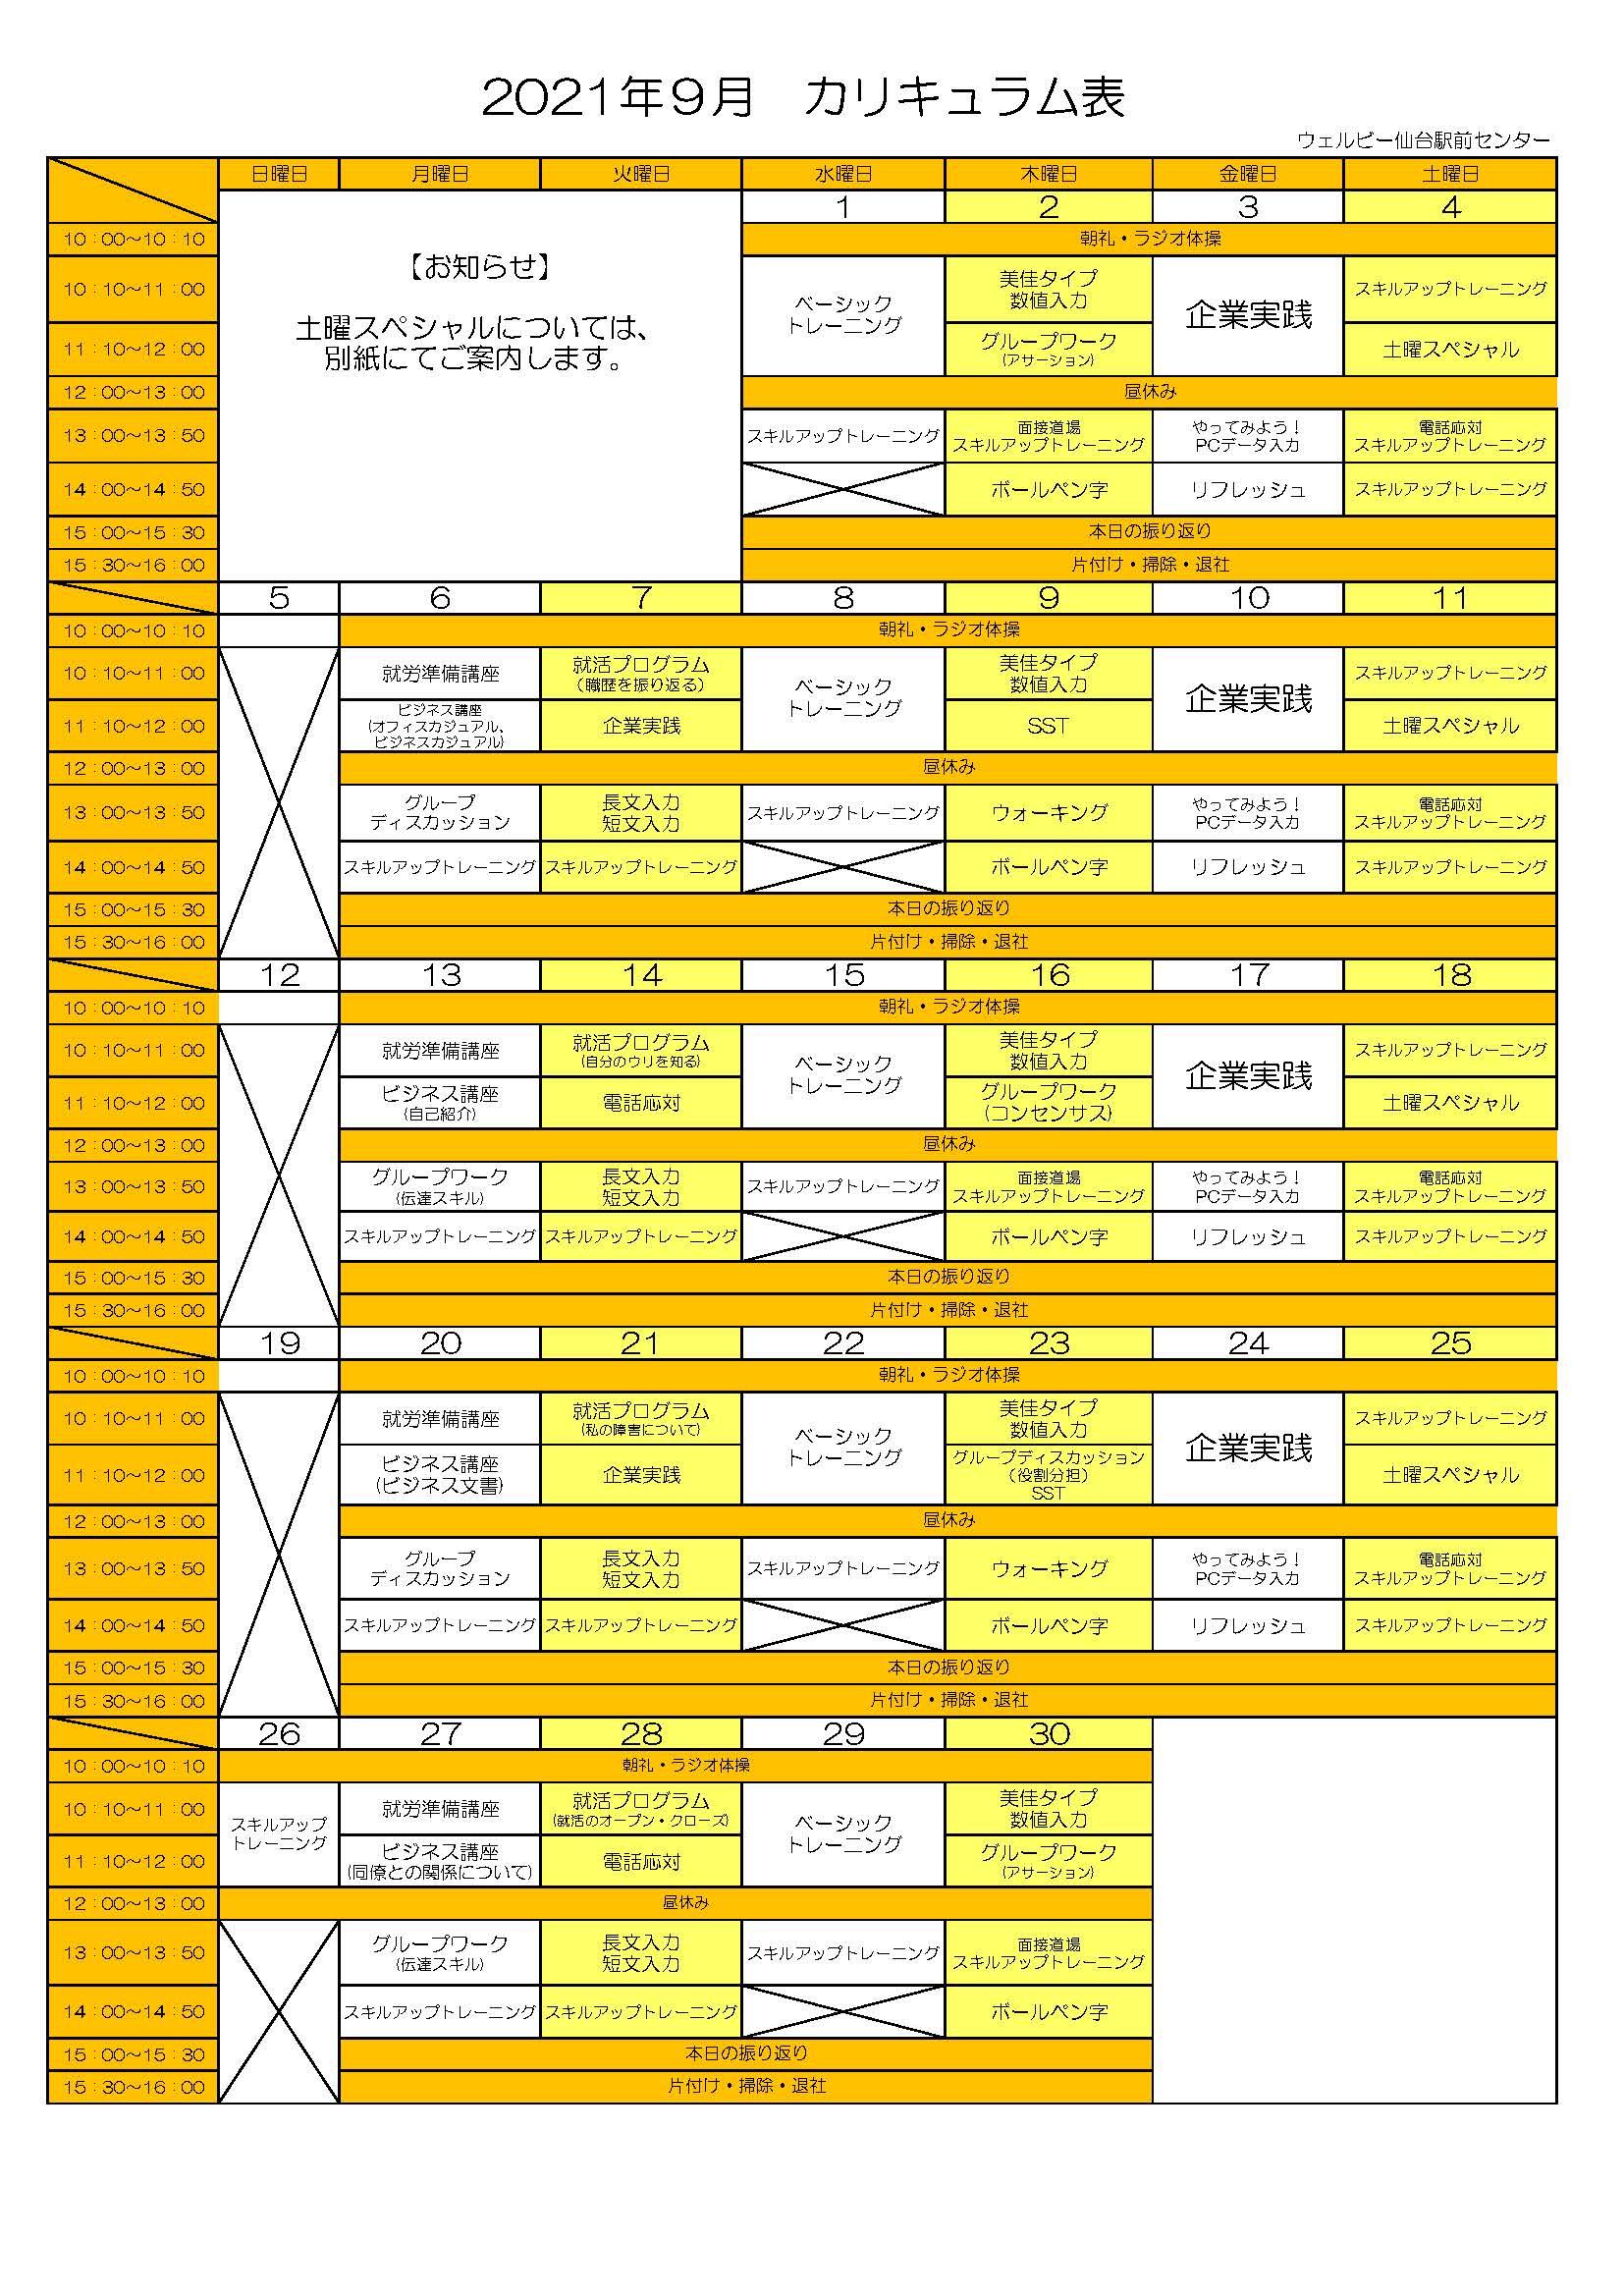 ウェルビー仙台駅前センターデータ②_202109【月間】カリキュラム表